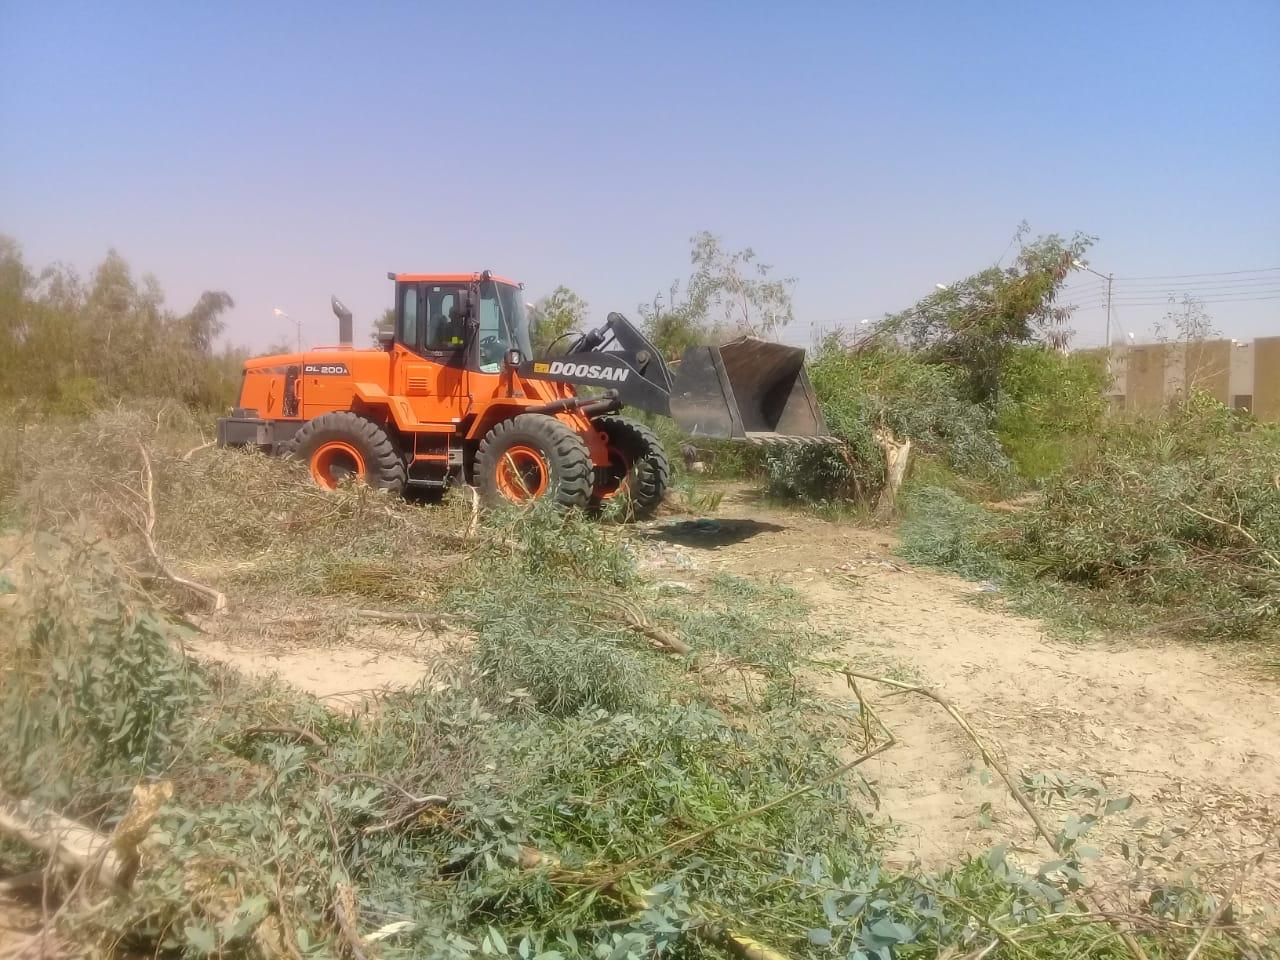 إزالة وتنفيذ 10 قرارات لتعديات على أراضى الدولة بمدينة القرنة  (3)